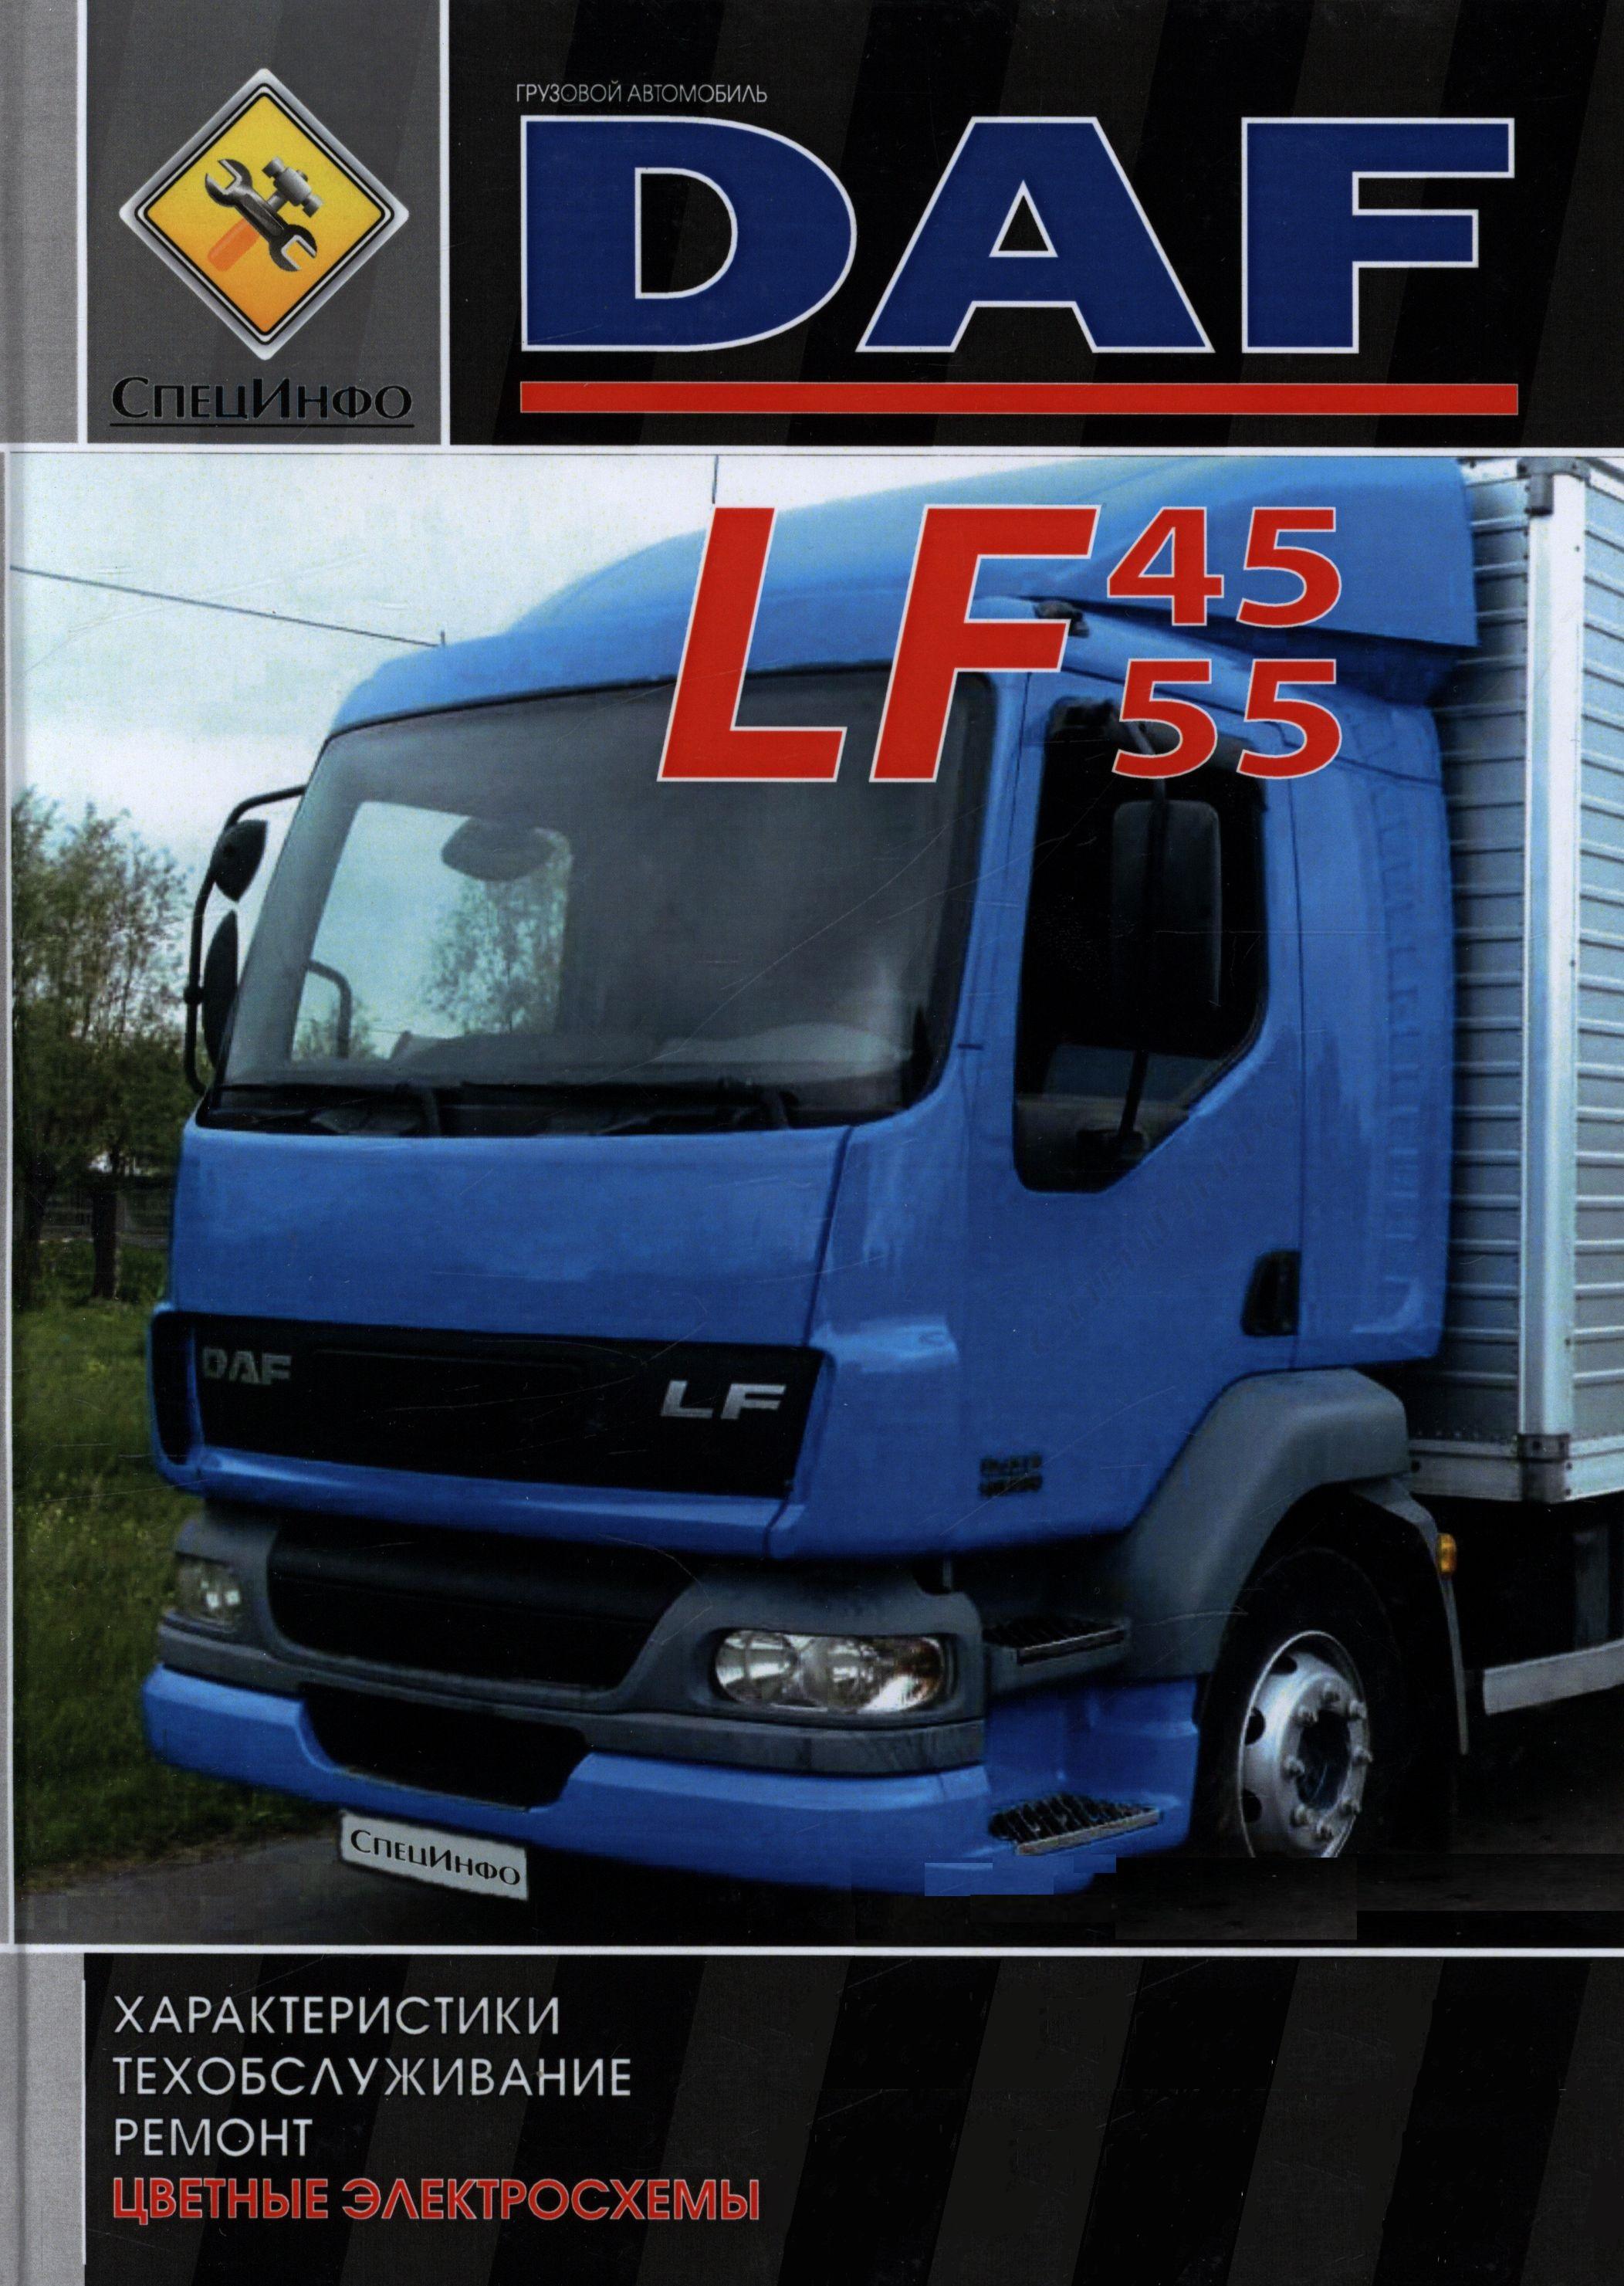 Руководство DAF LF 45 / 55 (ДАФ ЛФ 45 /55) Книга по ремонту и техническому обслуживанию